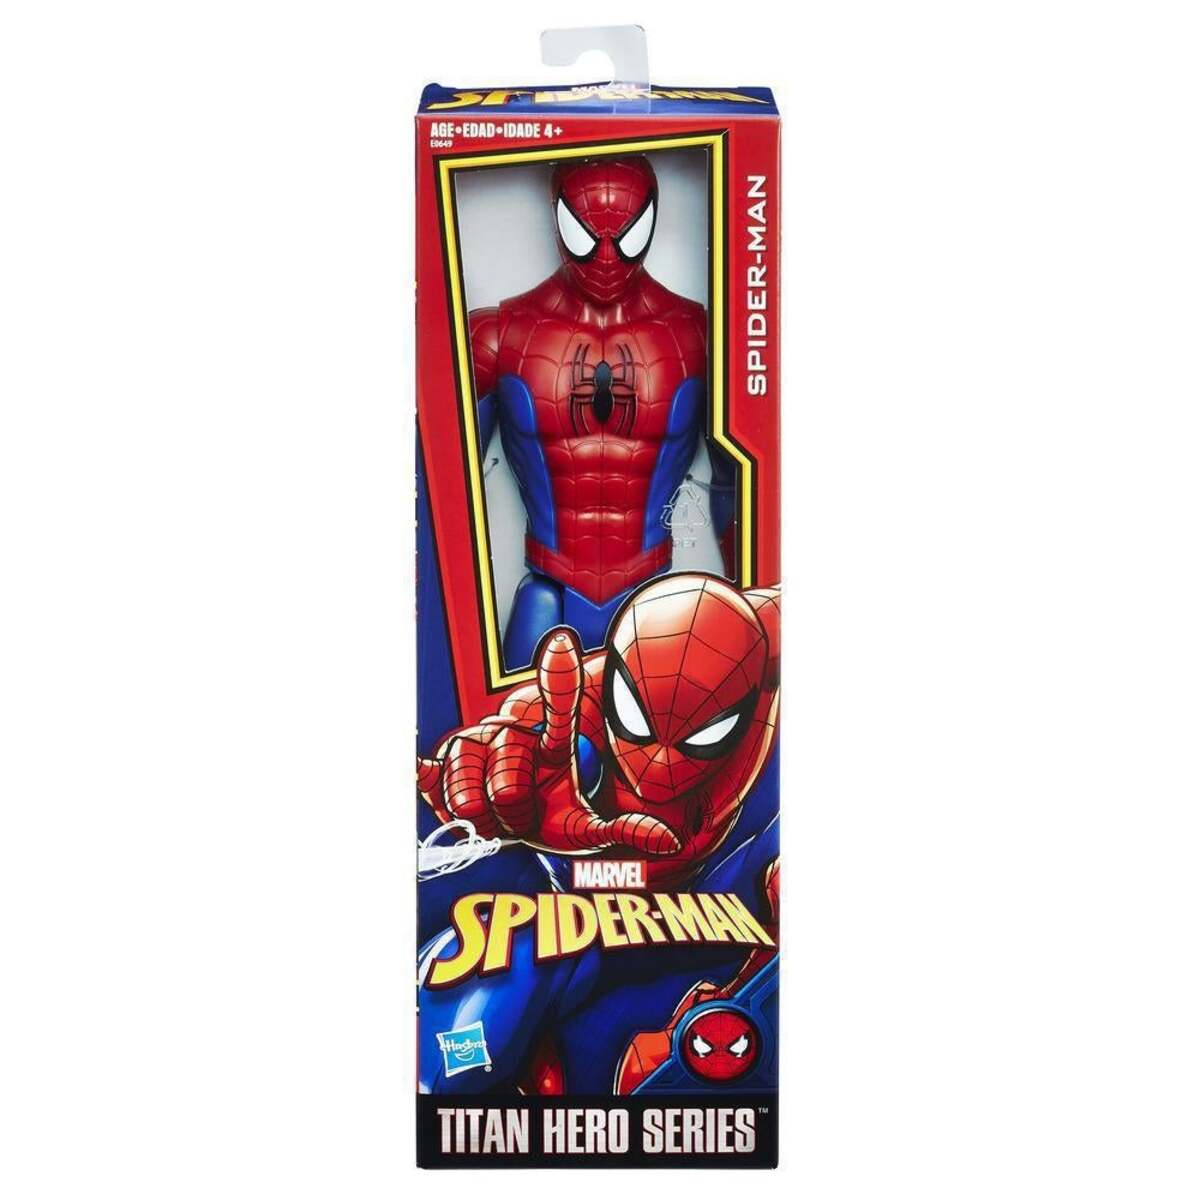 Bild 1 von Hasbro Spider-Man Titan Hero